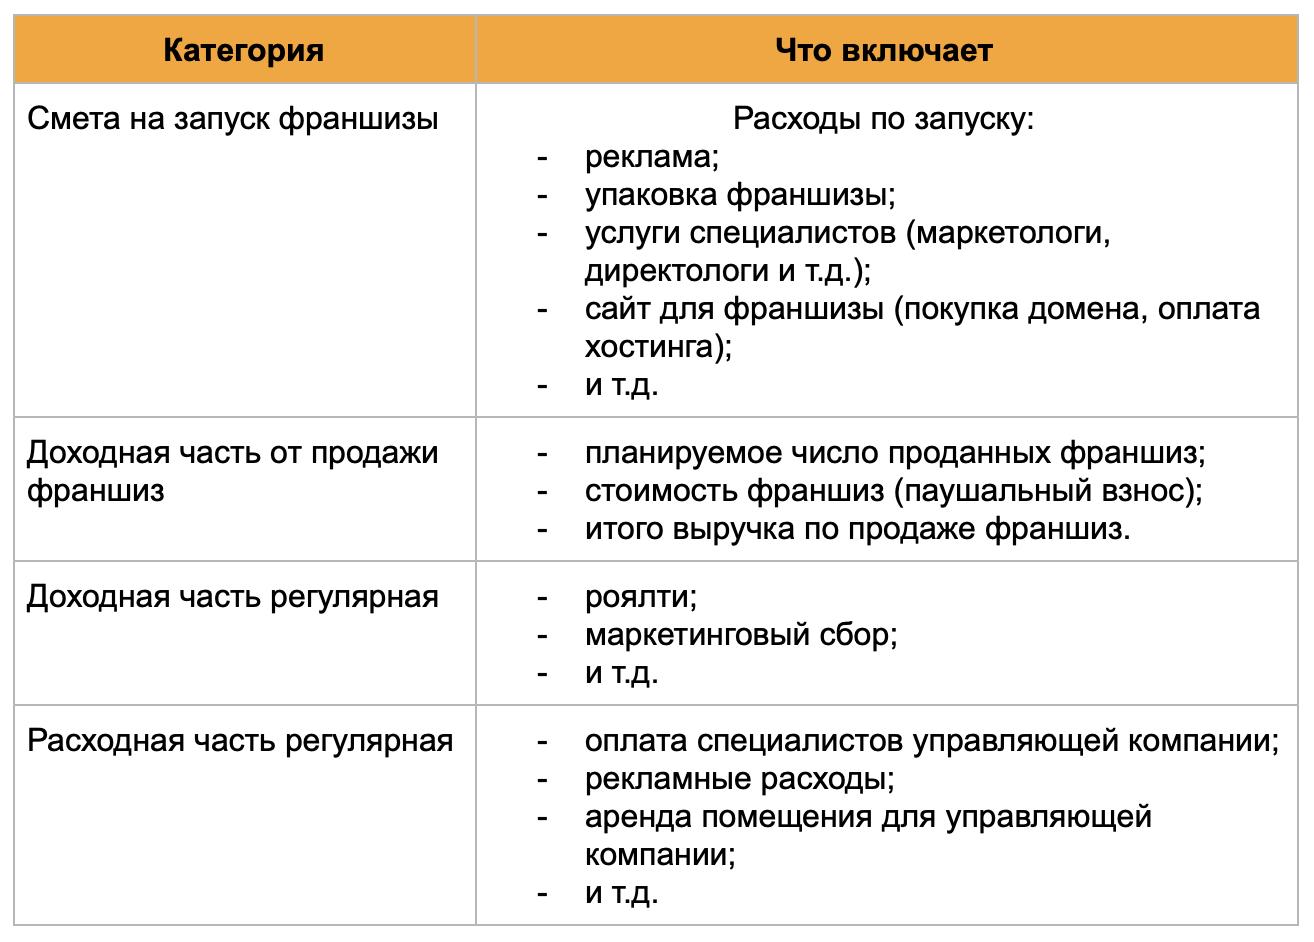 finansovaya-model-dlya-franchaizera